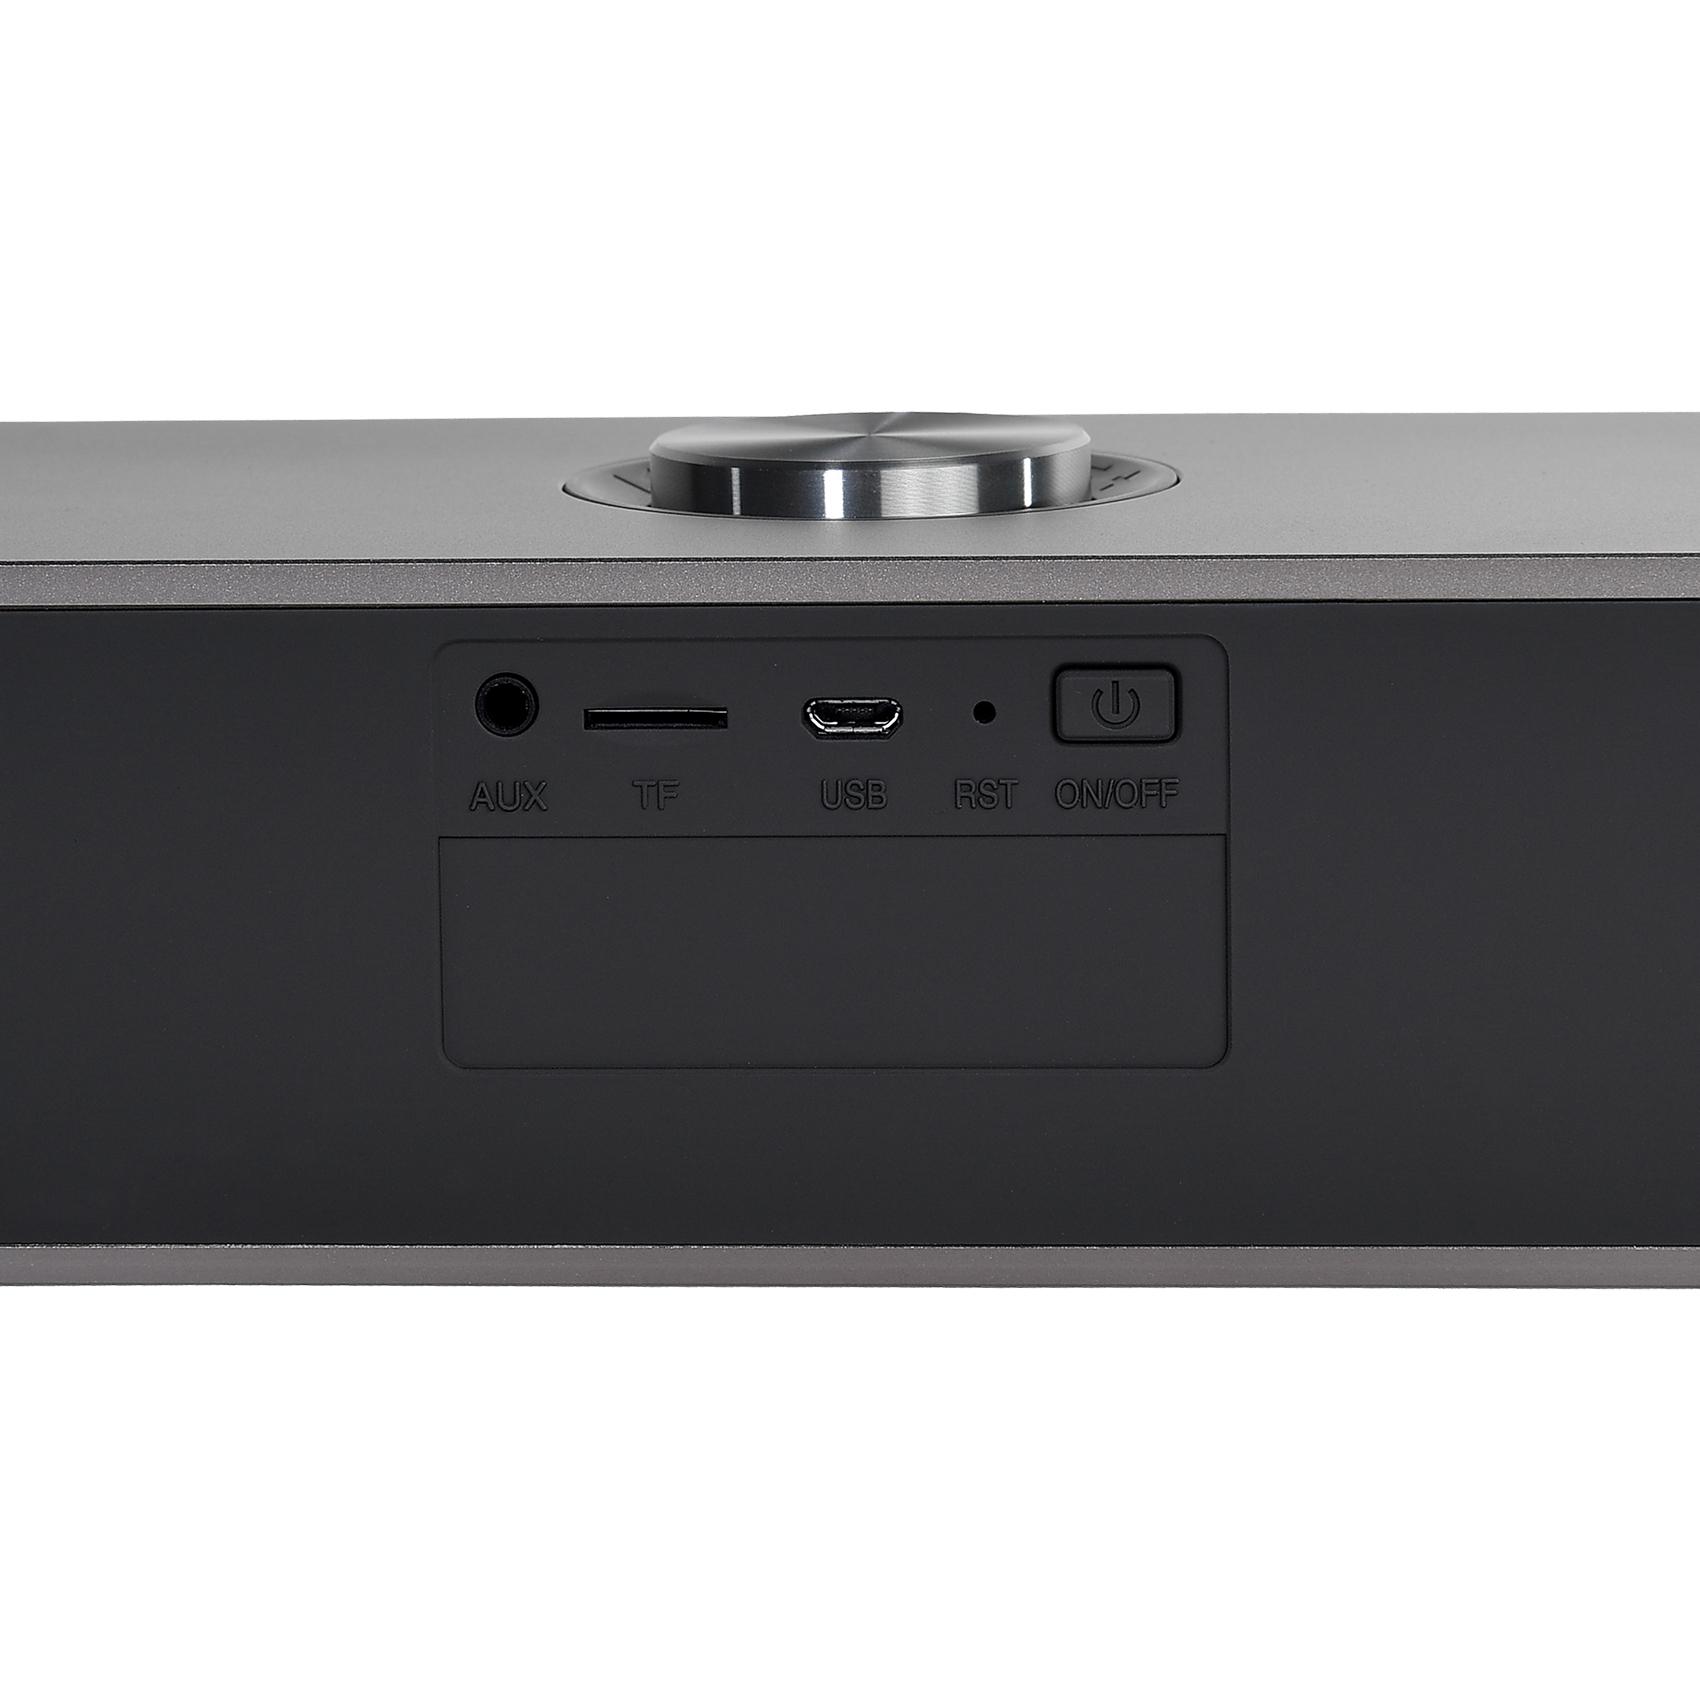 Loa Bluetooth SUPA X-mini XAM34 - Hàng Chính Hãng